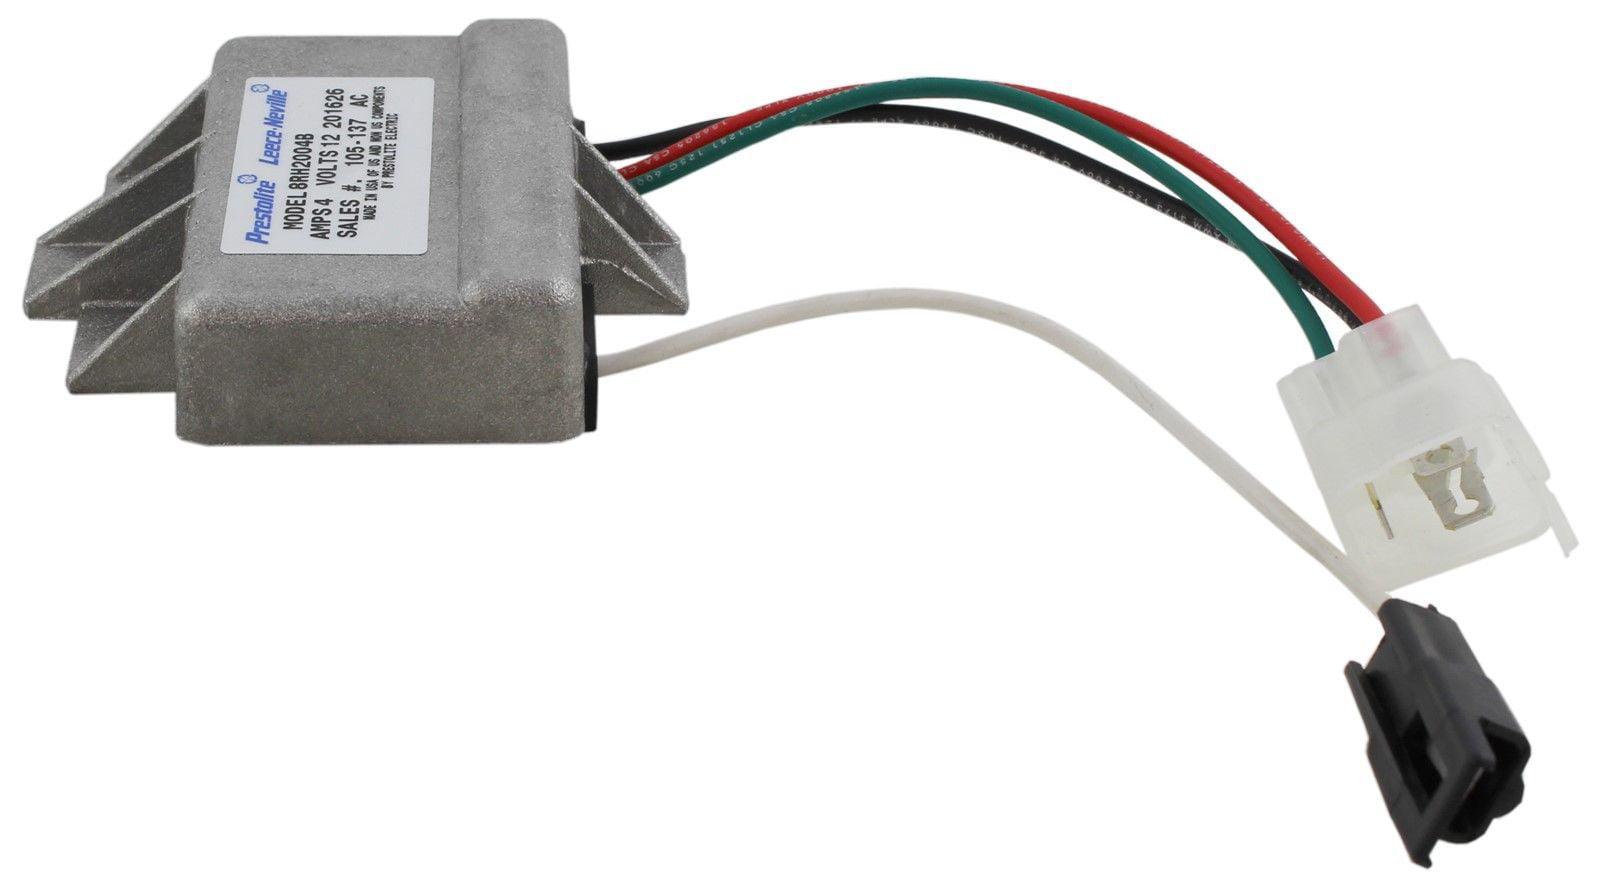 New OEM Voltage Regulator for John Deere Applications AR77485 12 Volt